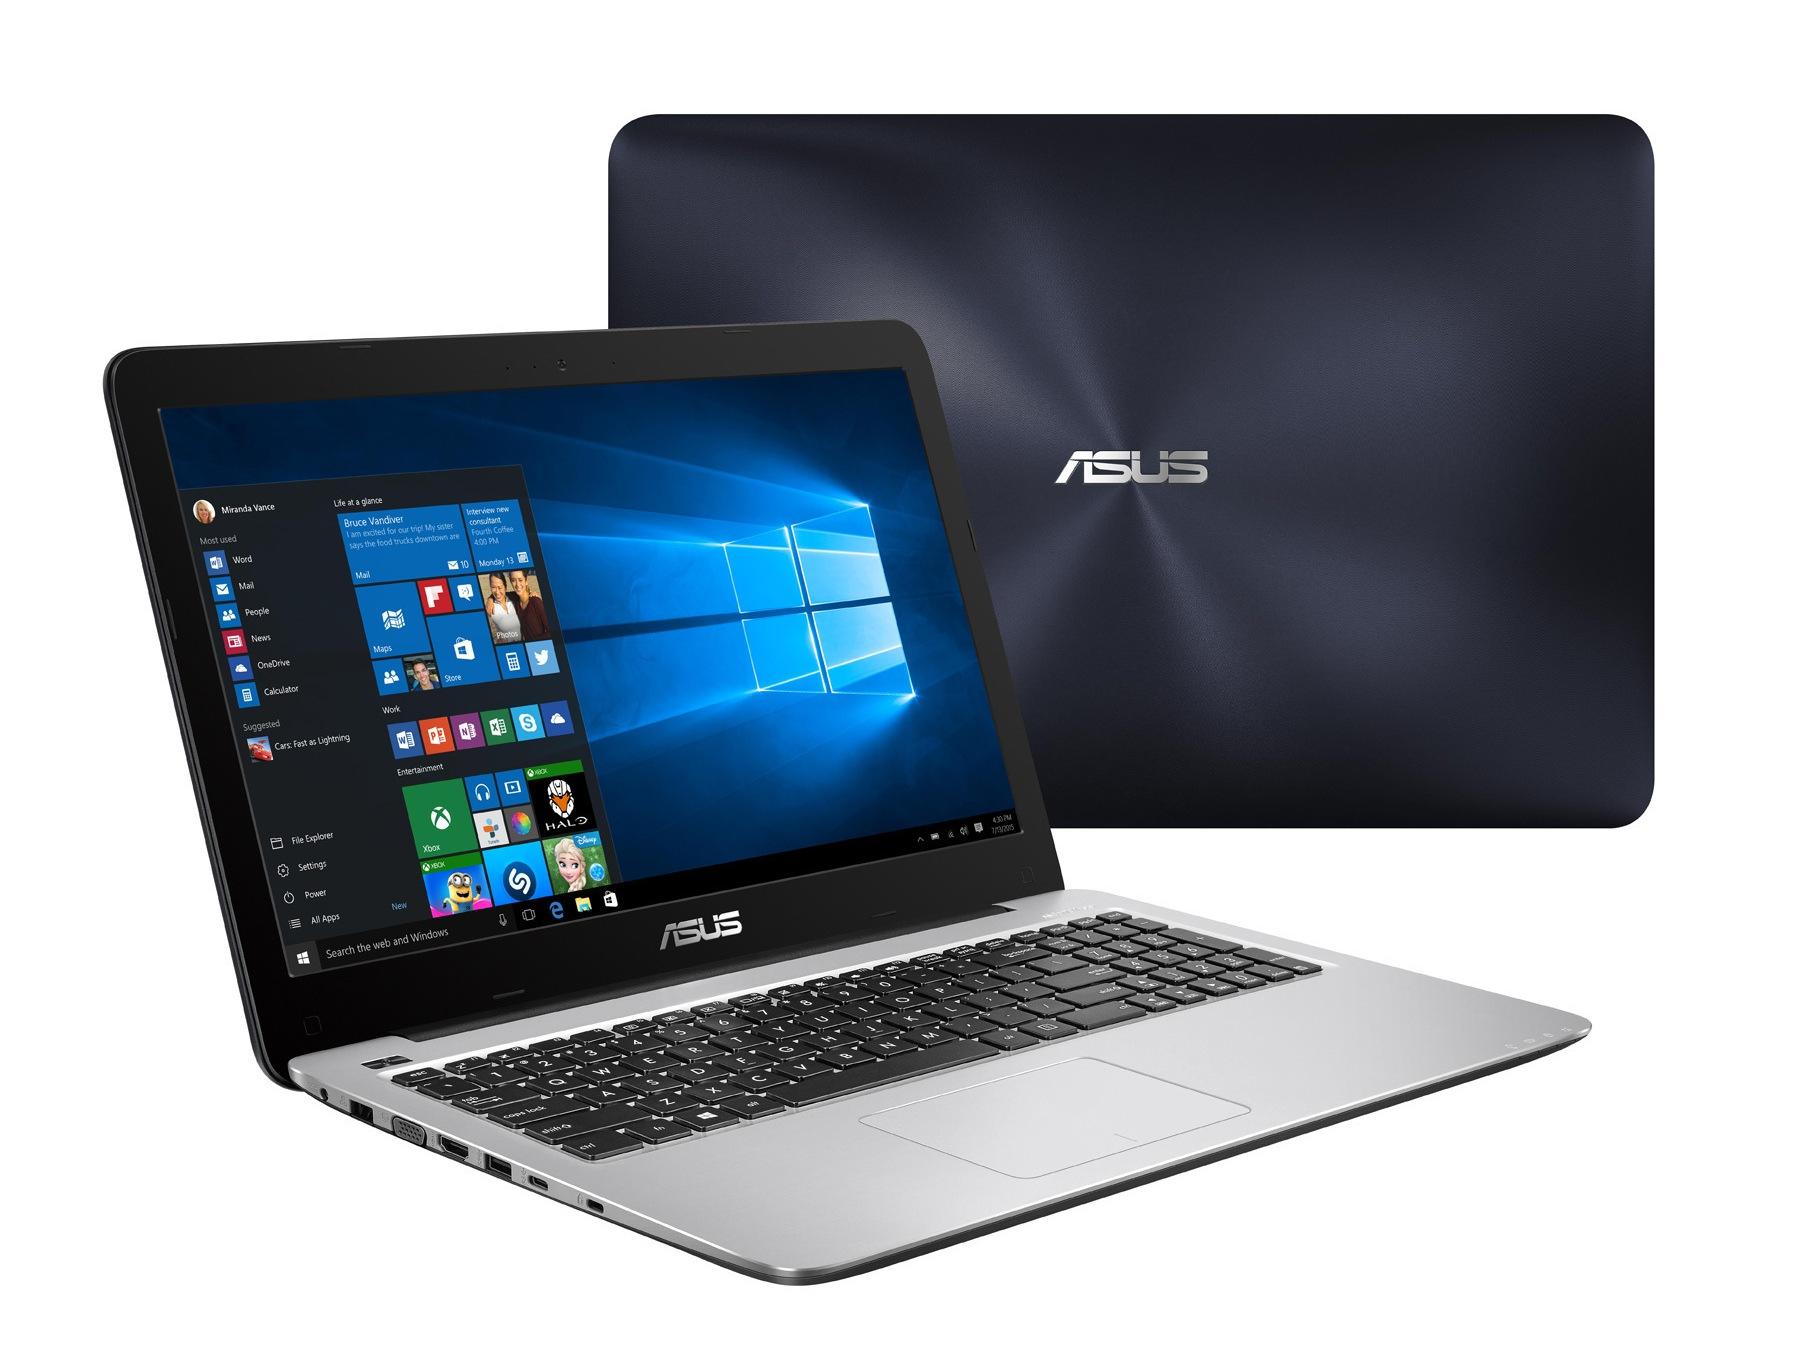 Banco Di Lavoro Esd : Asus f uq laptop hard drive ssd replacement guida di